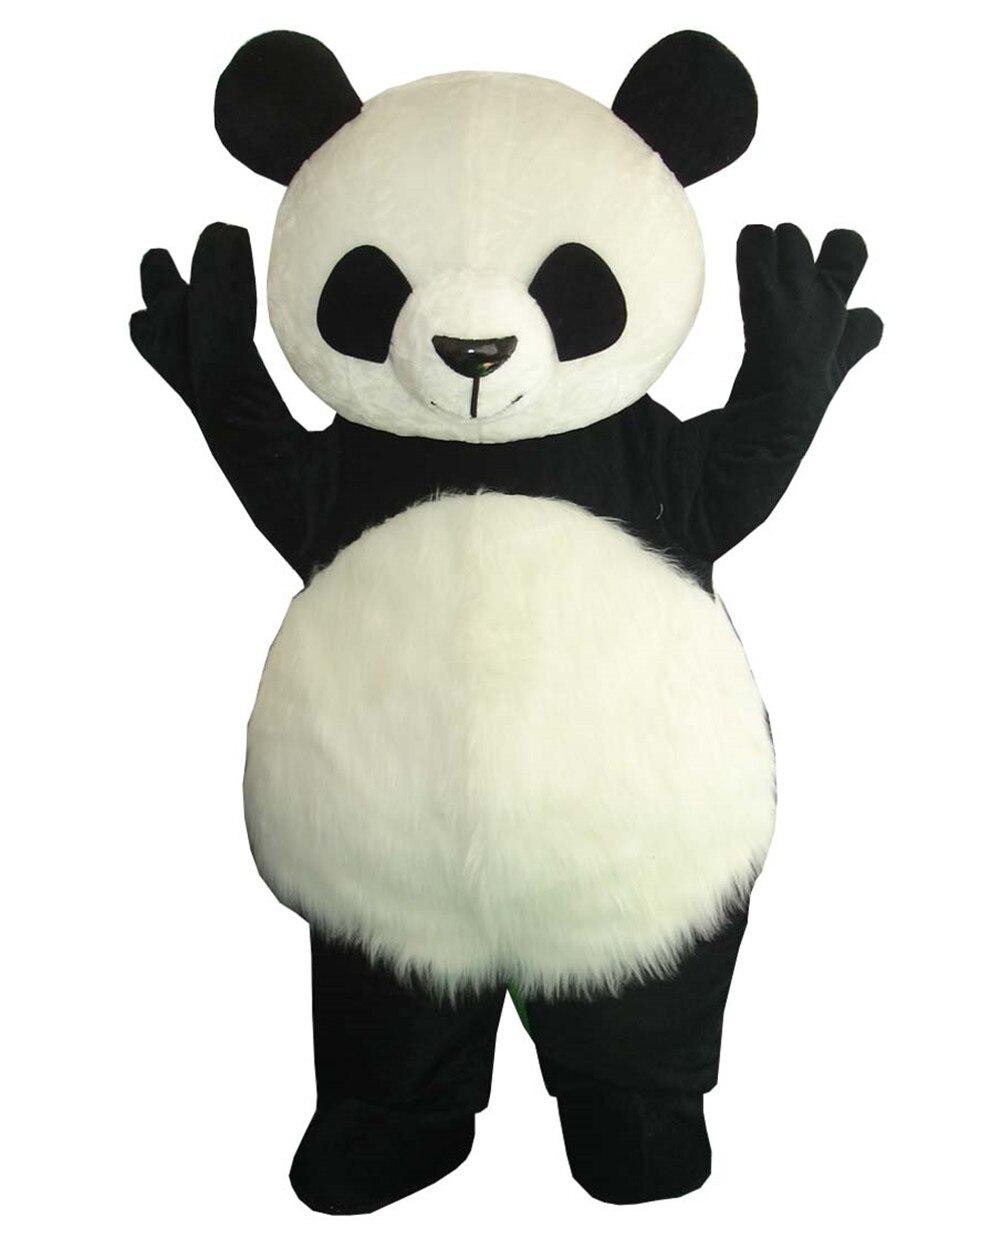 Gros nouvelle Version chinois géant Panda mascotte Costume noël cosplay Costume livraison gratuite